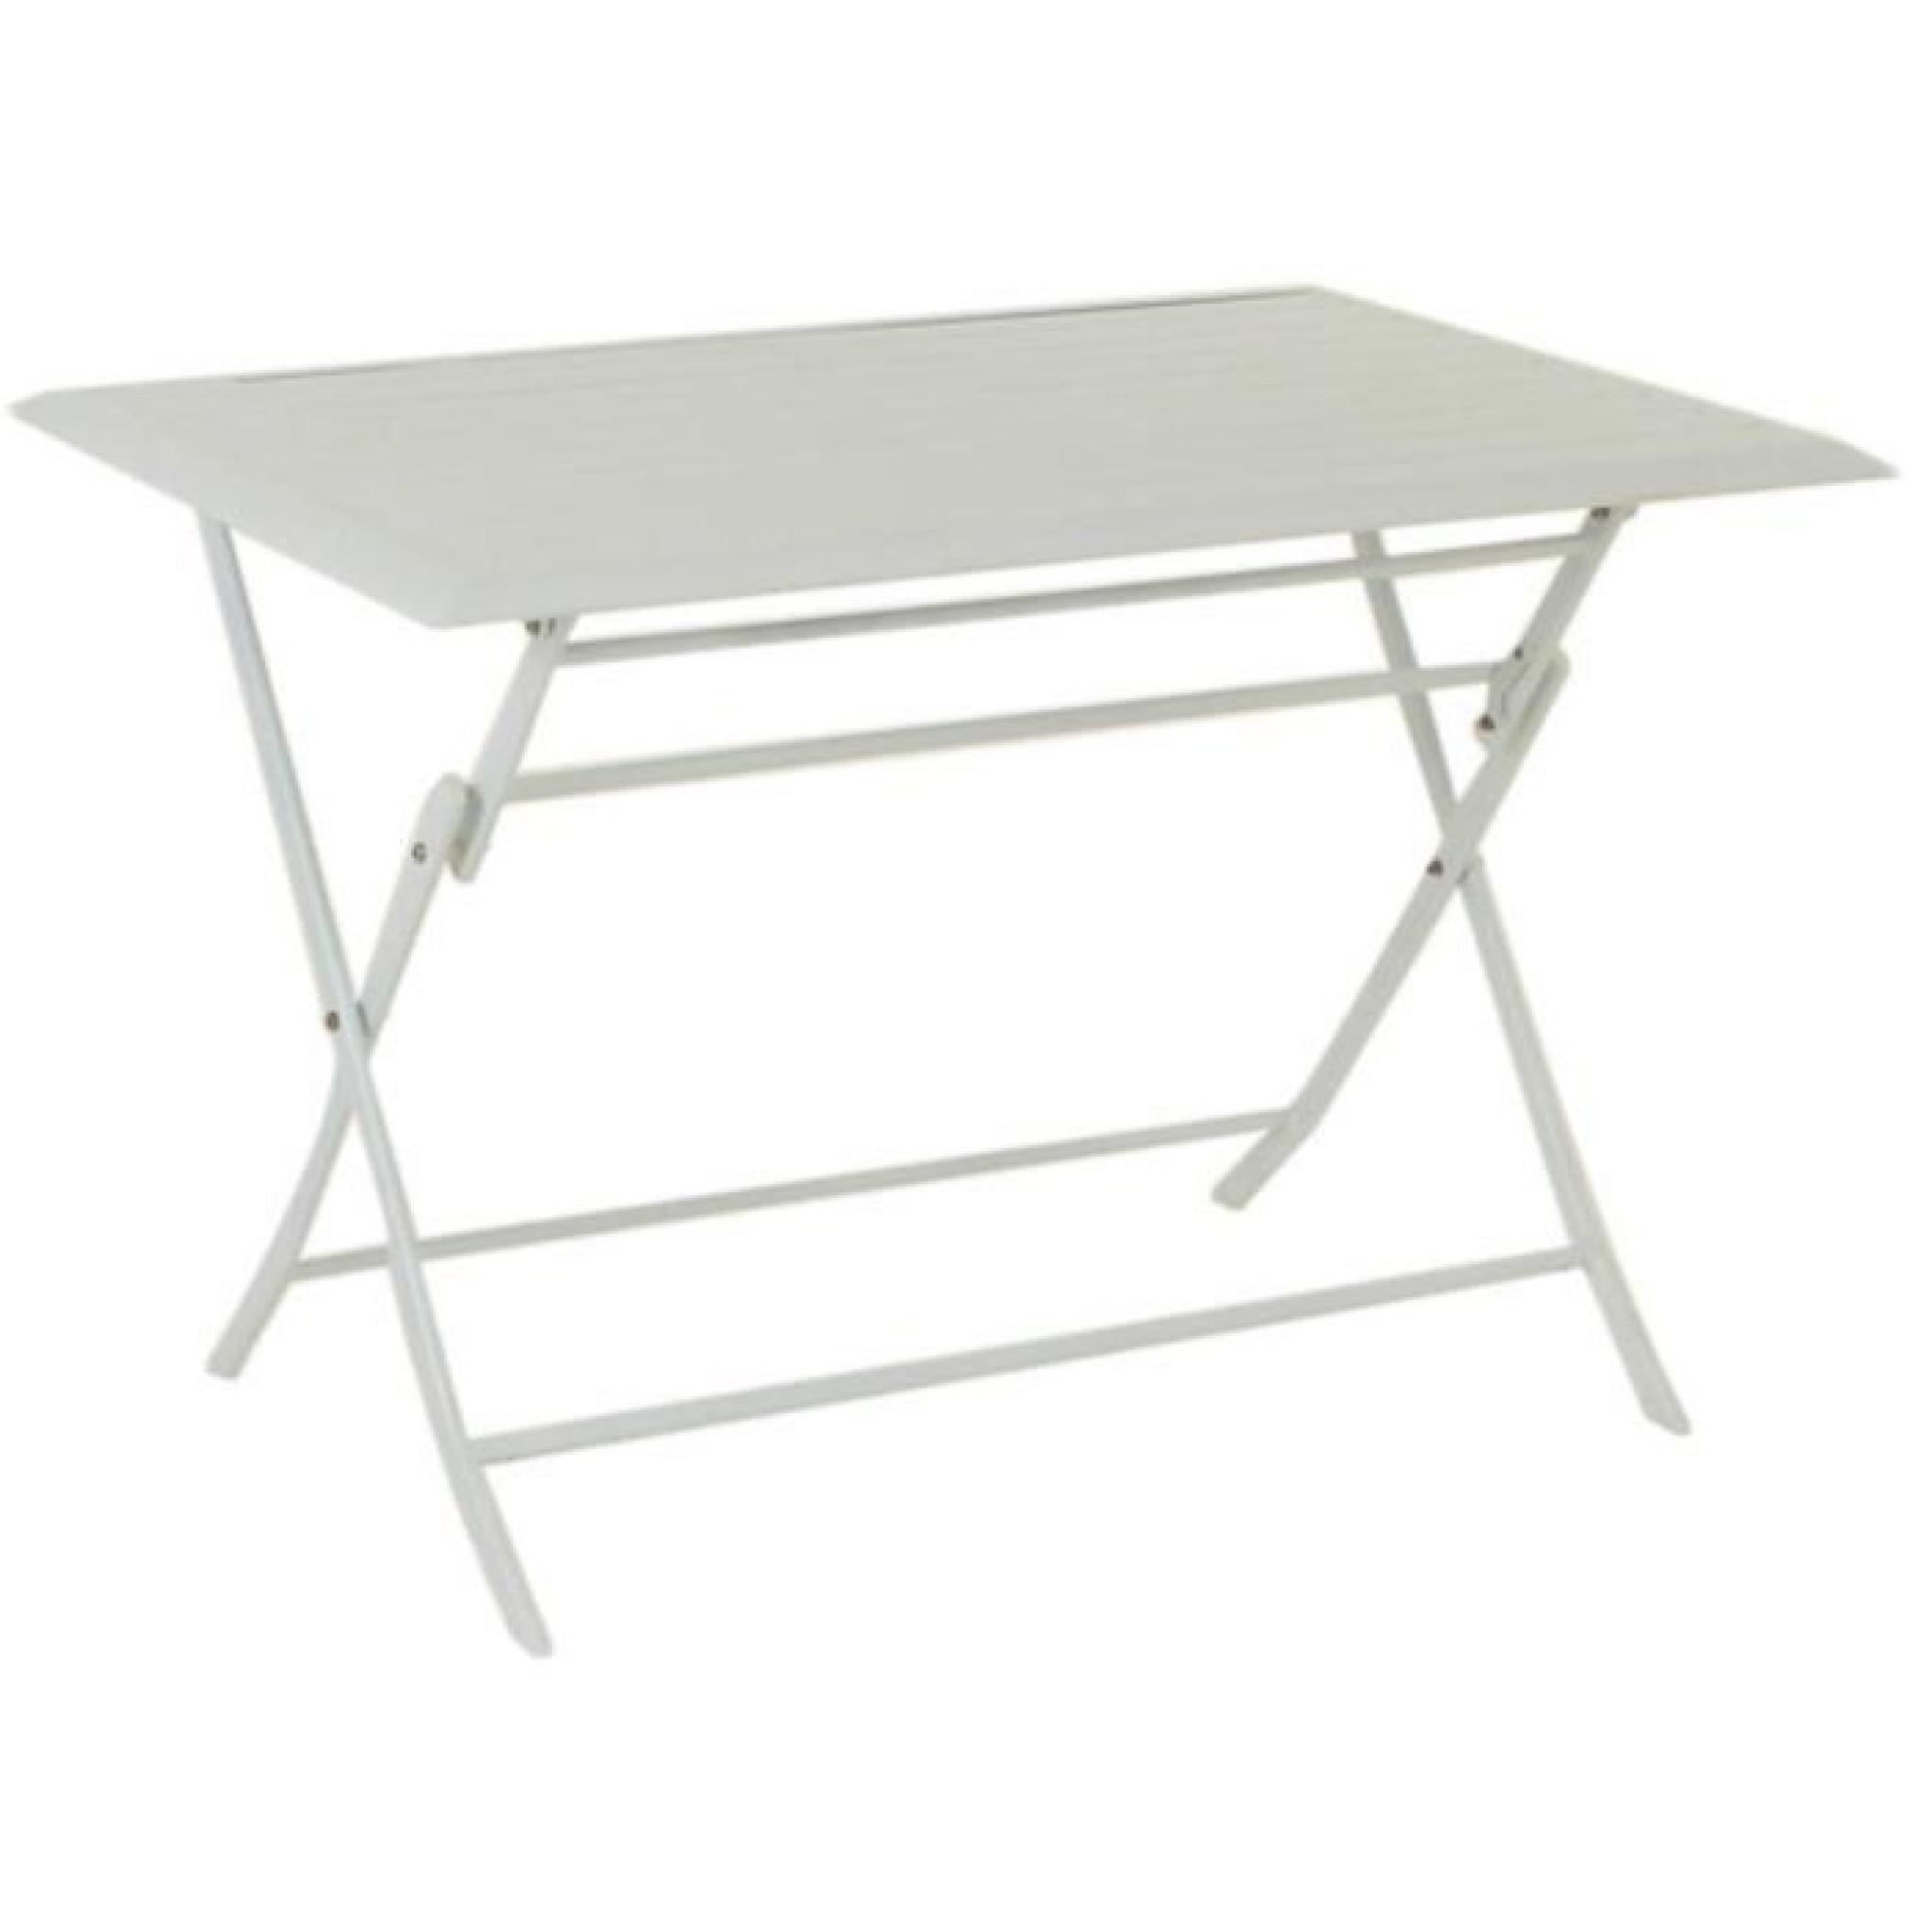 Table pliante rectangulaire en aluminium coloris blanc - Dim : L 110 x P 71  x H 71 cm